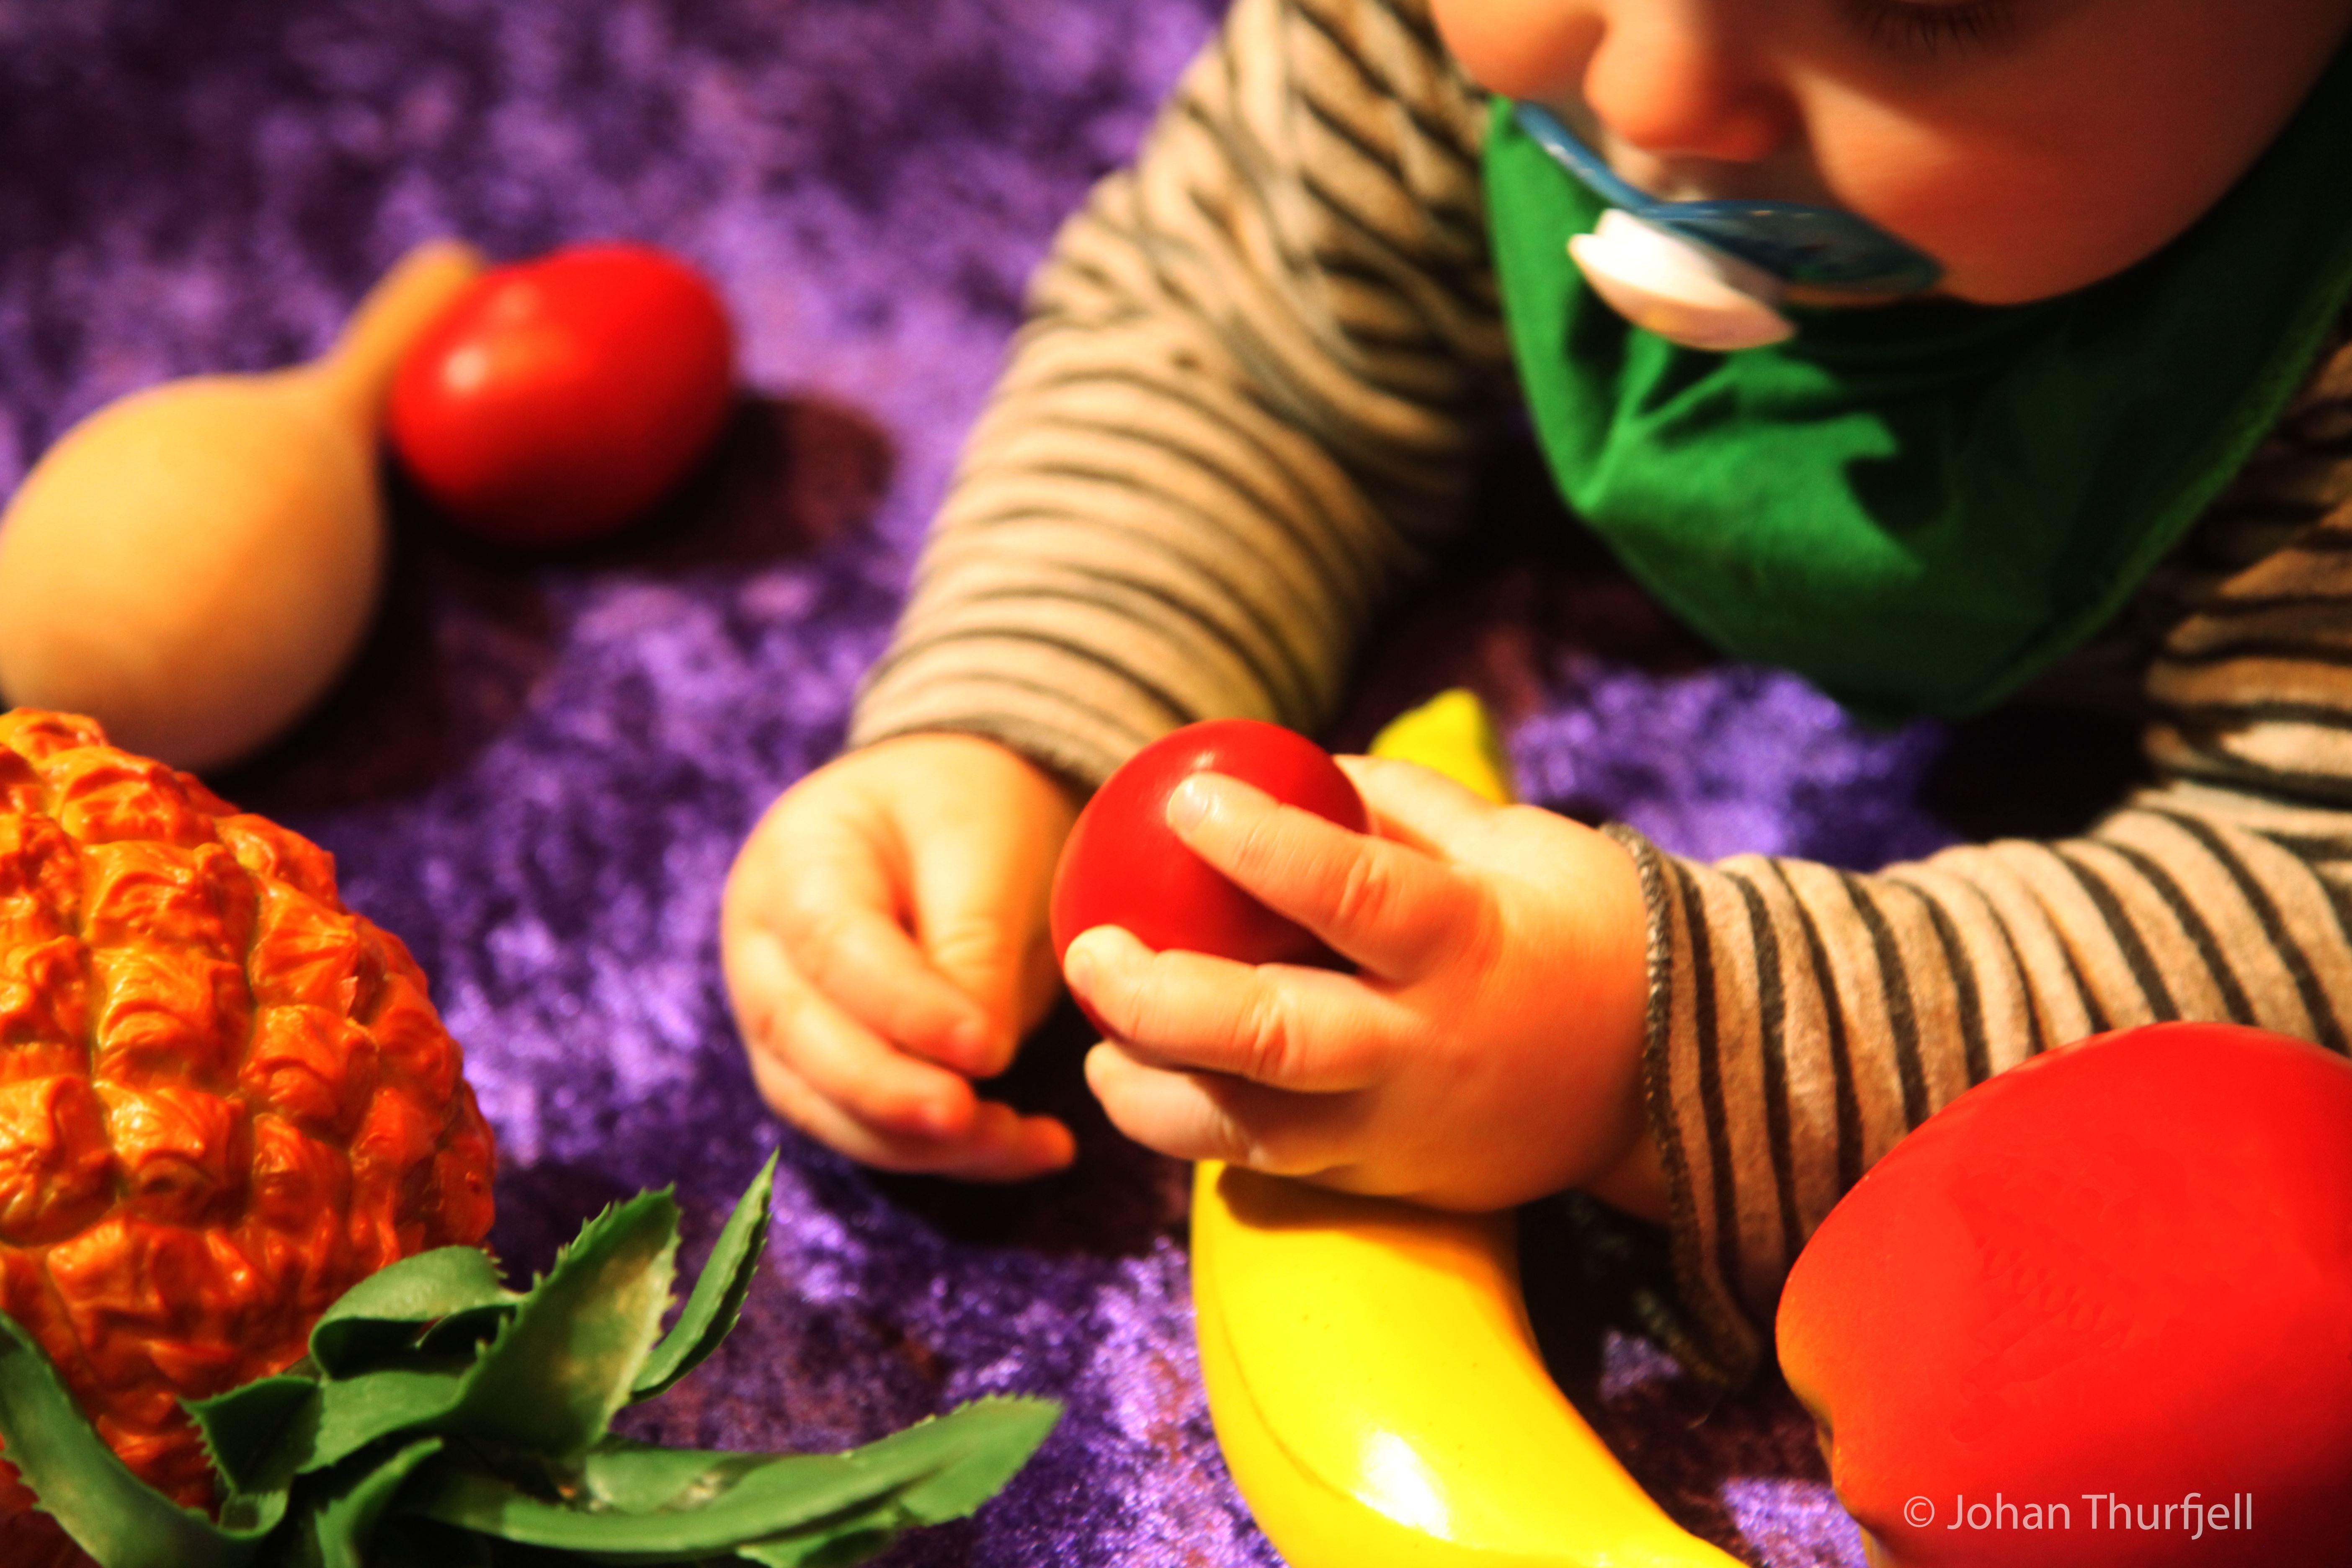 Johan Thurfjell,  © Johan Thurfjell, Baby med plastfrukter